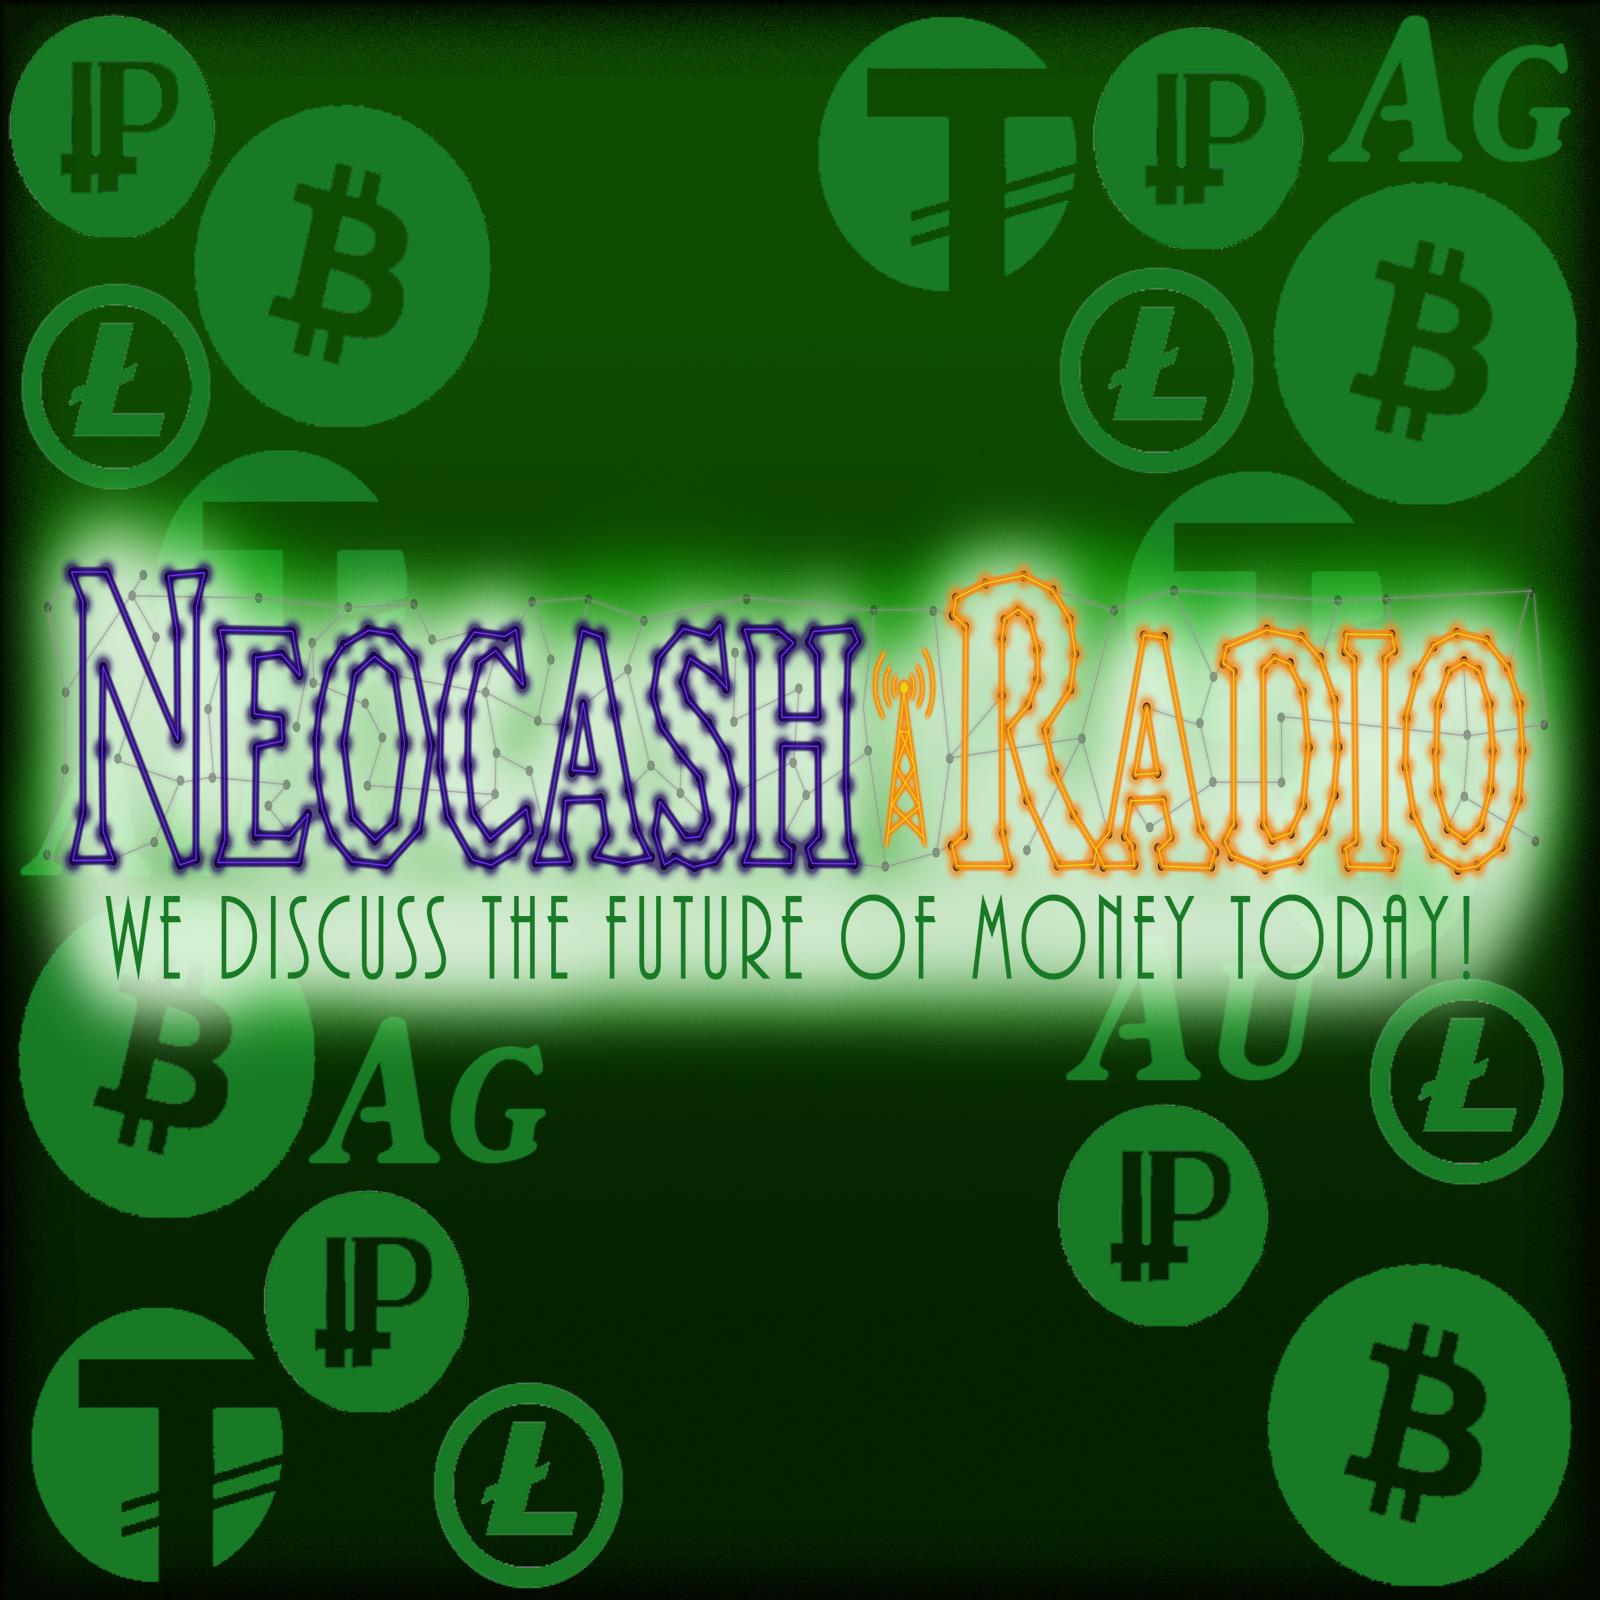 Neocash Radio - Episode 160